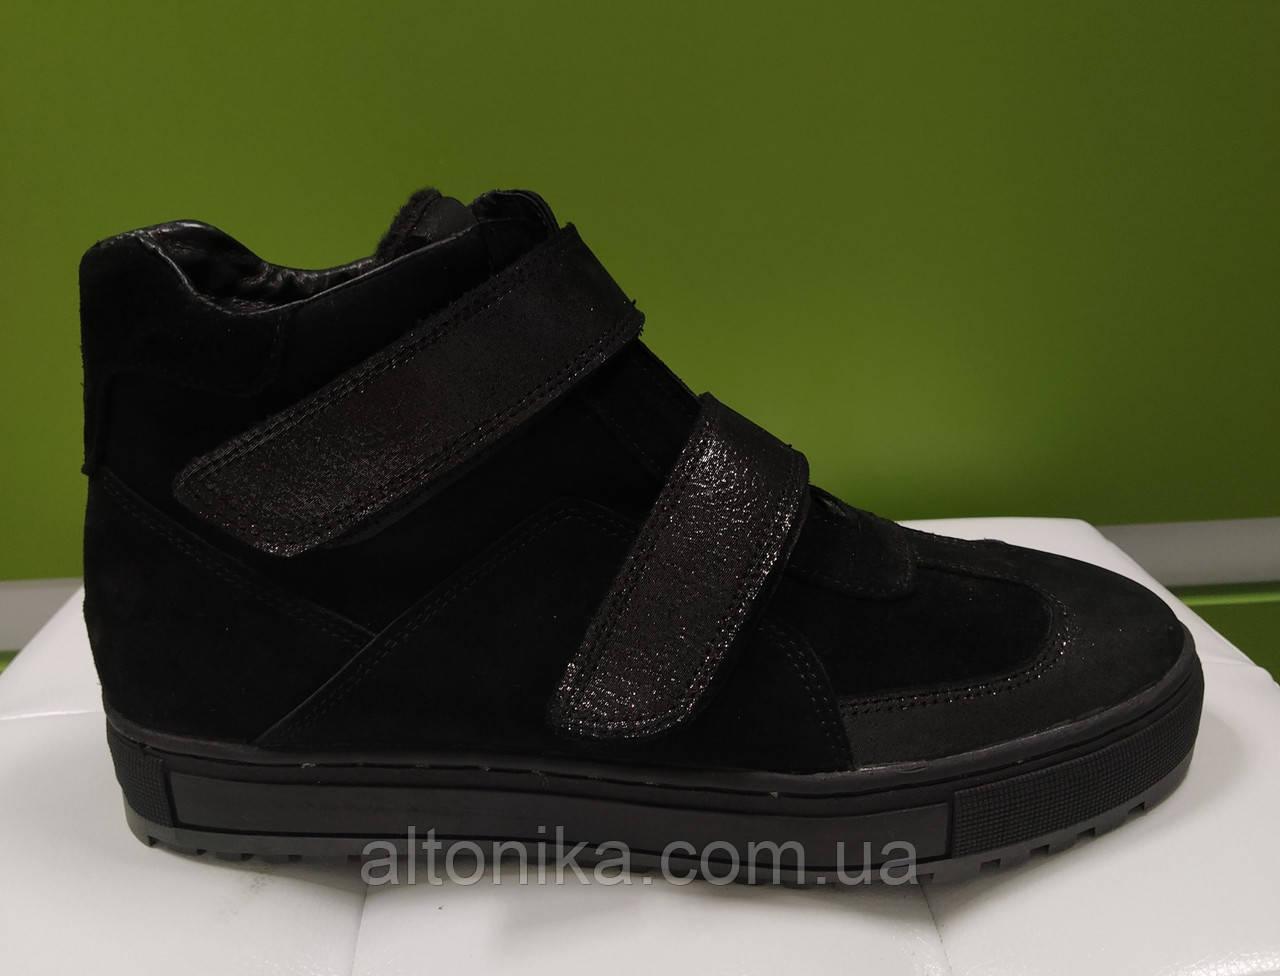 STTOPA 42р зима! Размеры 40-45! Ботинки кожаные на широкую ногу больших размеров! С9-40-4045-33-4045